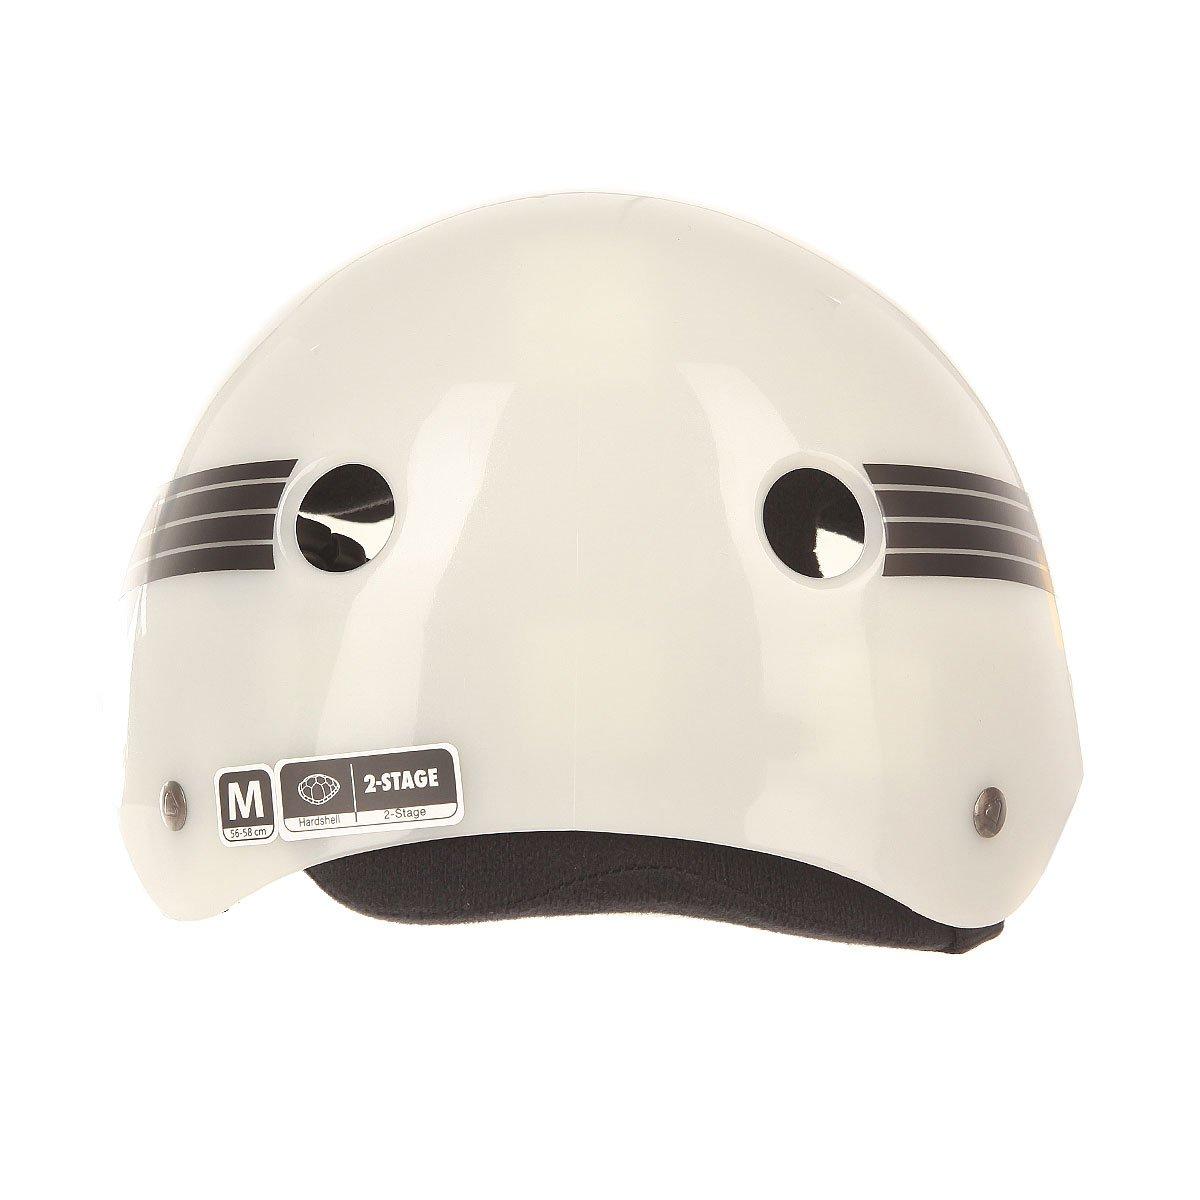 Шлем для скейтборда Pro-Tec Classic Skate Glow/Dark